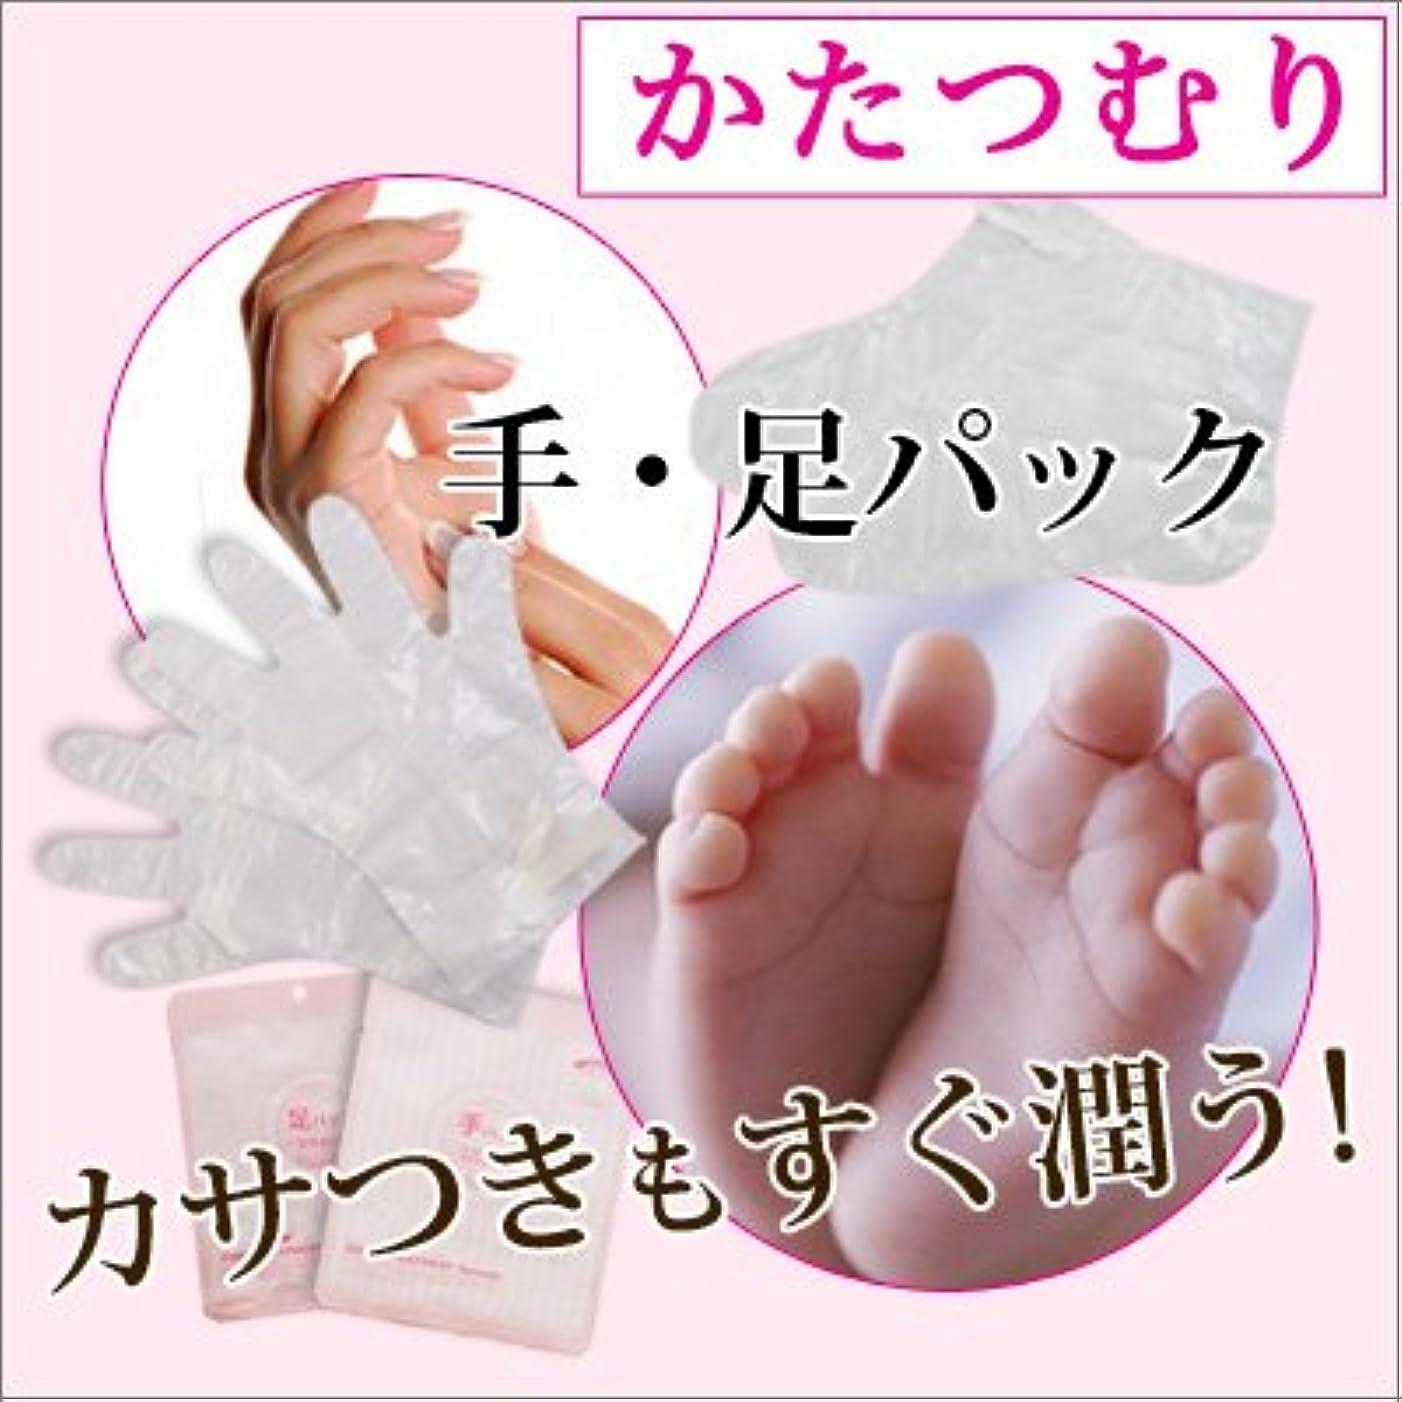 衣類アクションシエスタ【かたつむり モイスト フット&ハンド パック 2種類×5枚】